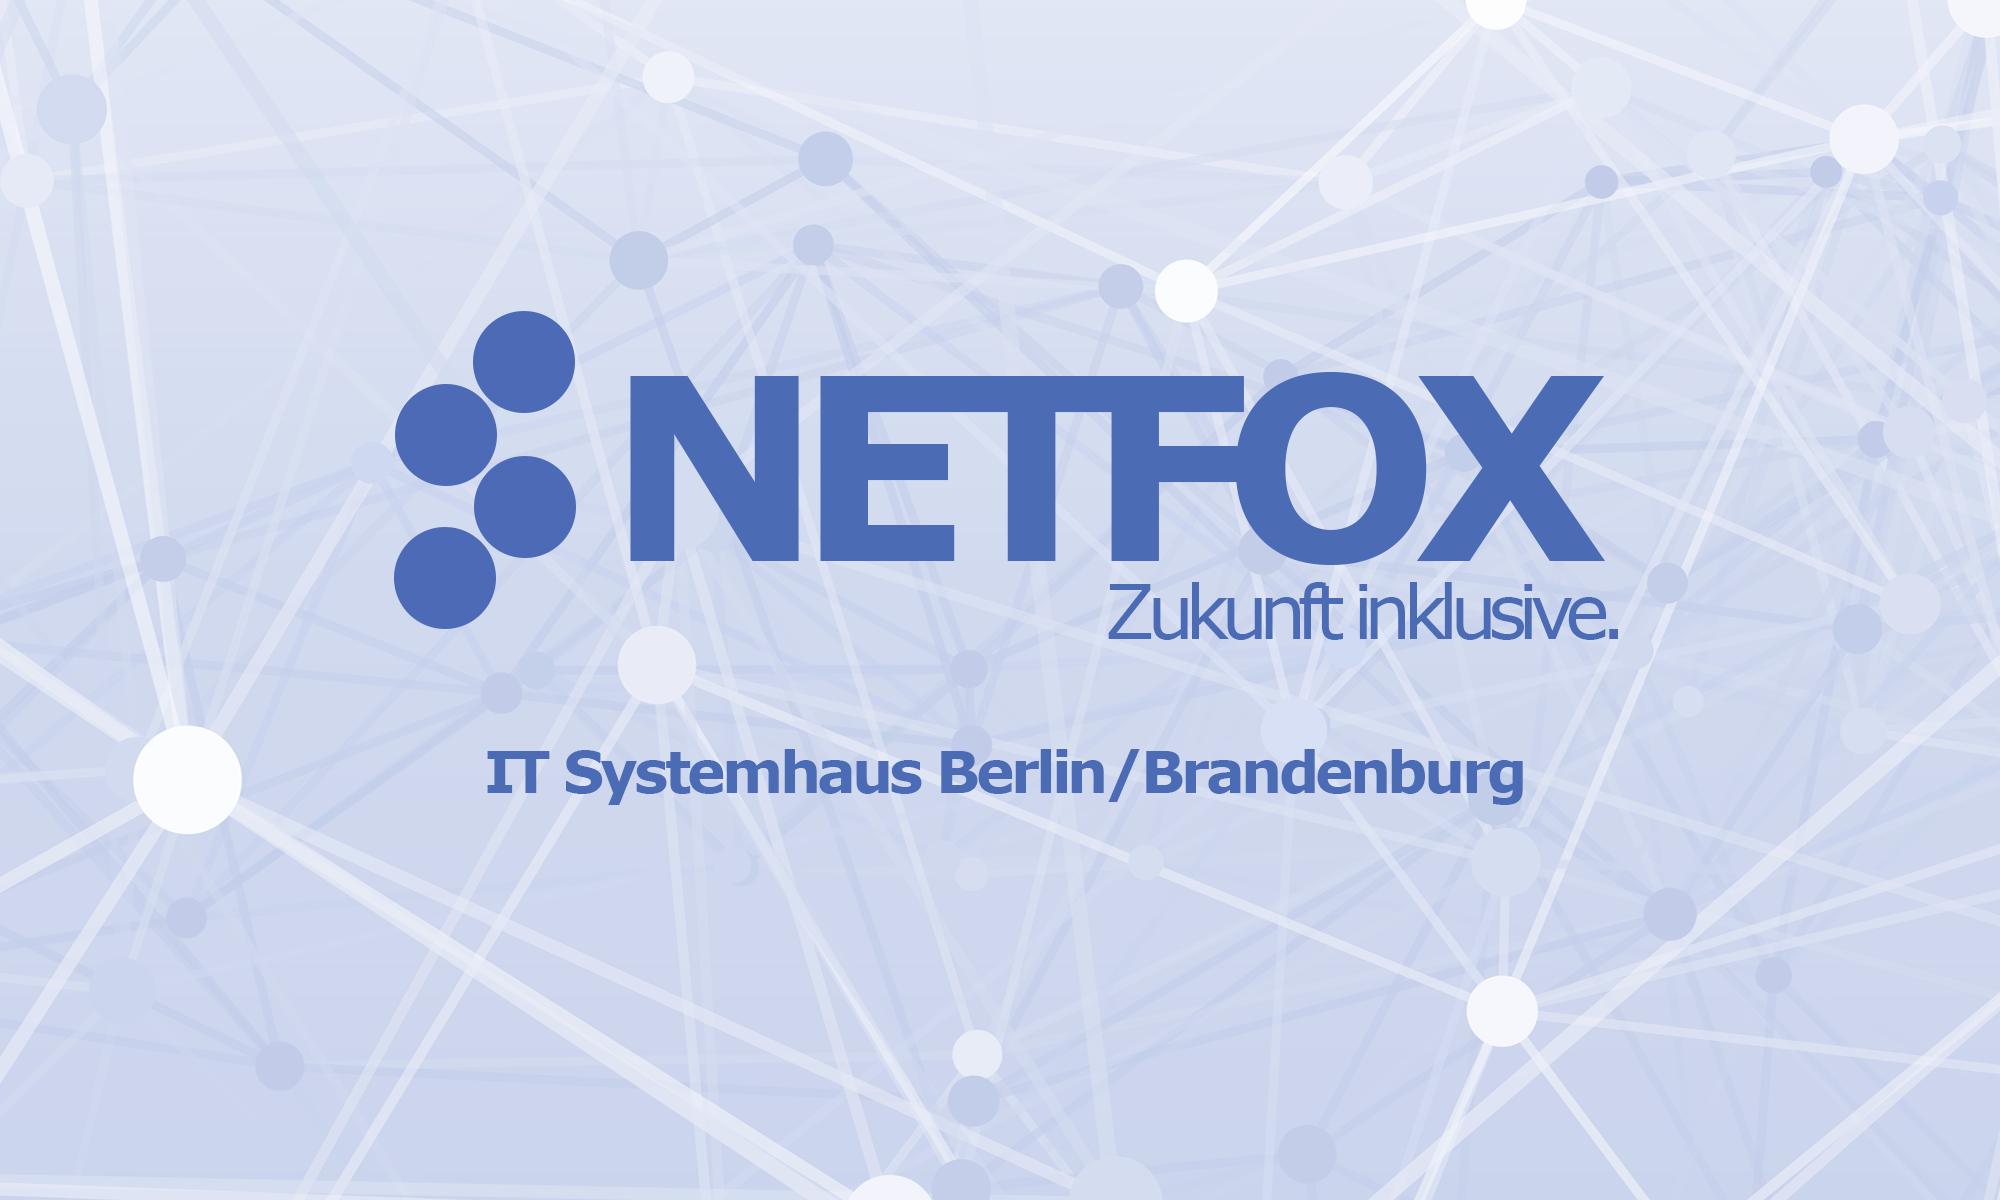 NETFOX AG